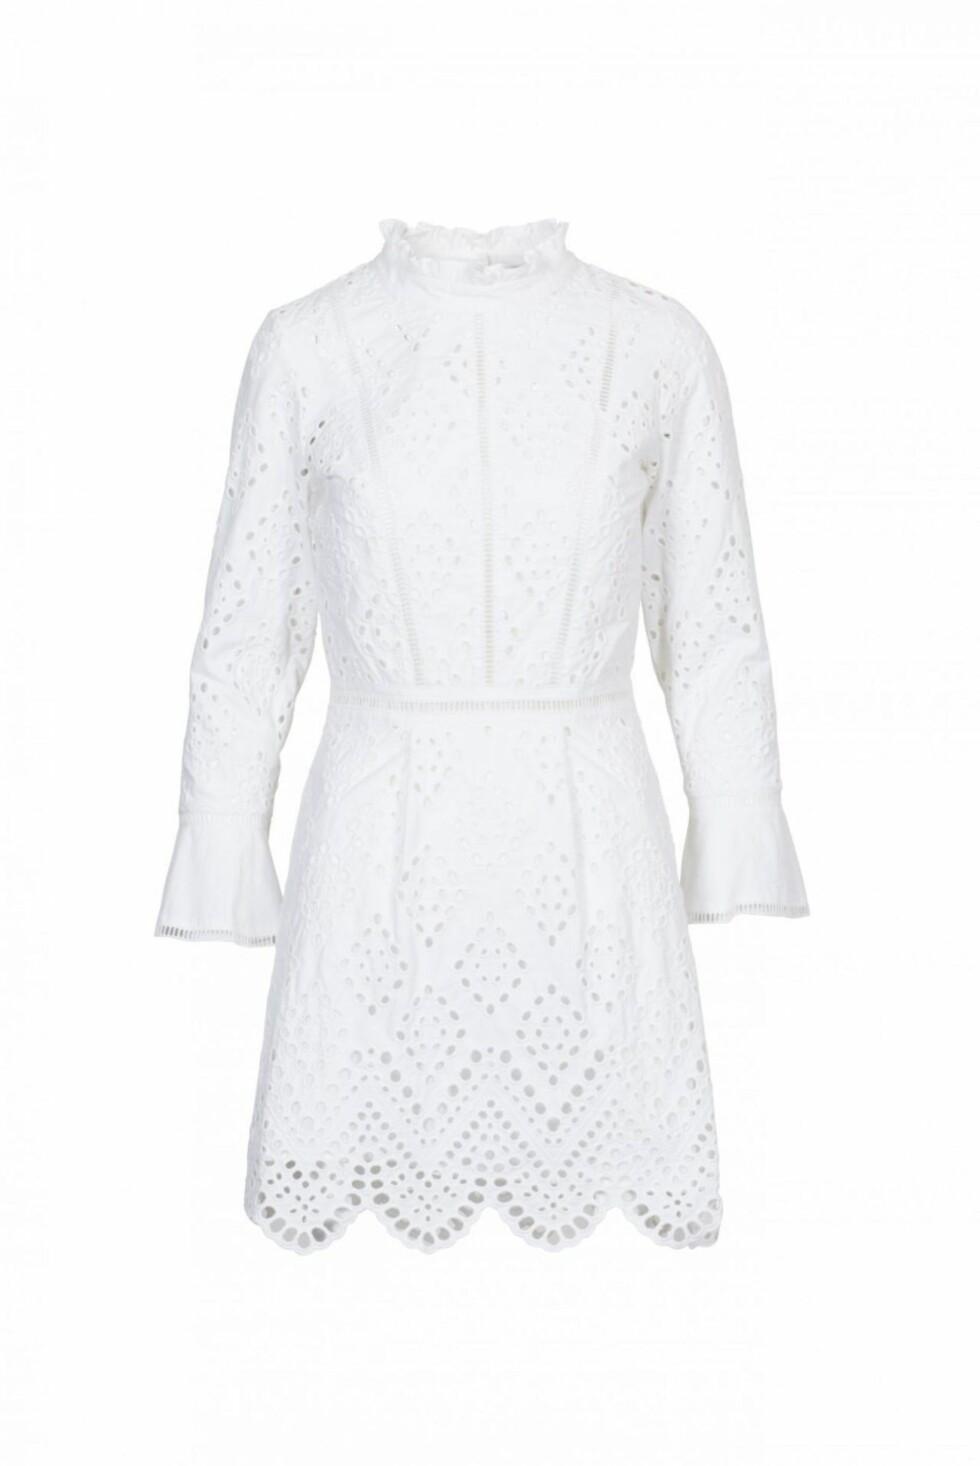 Kjole fra FWSS  1820,-  https://bogartstore.no/shop/dame/vilde-dress/